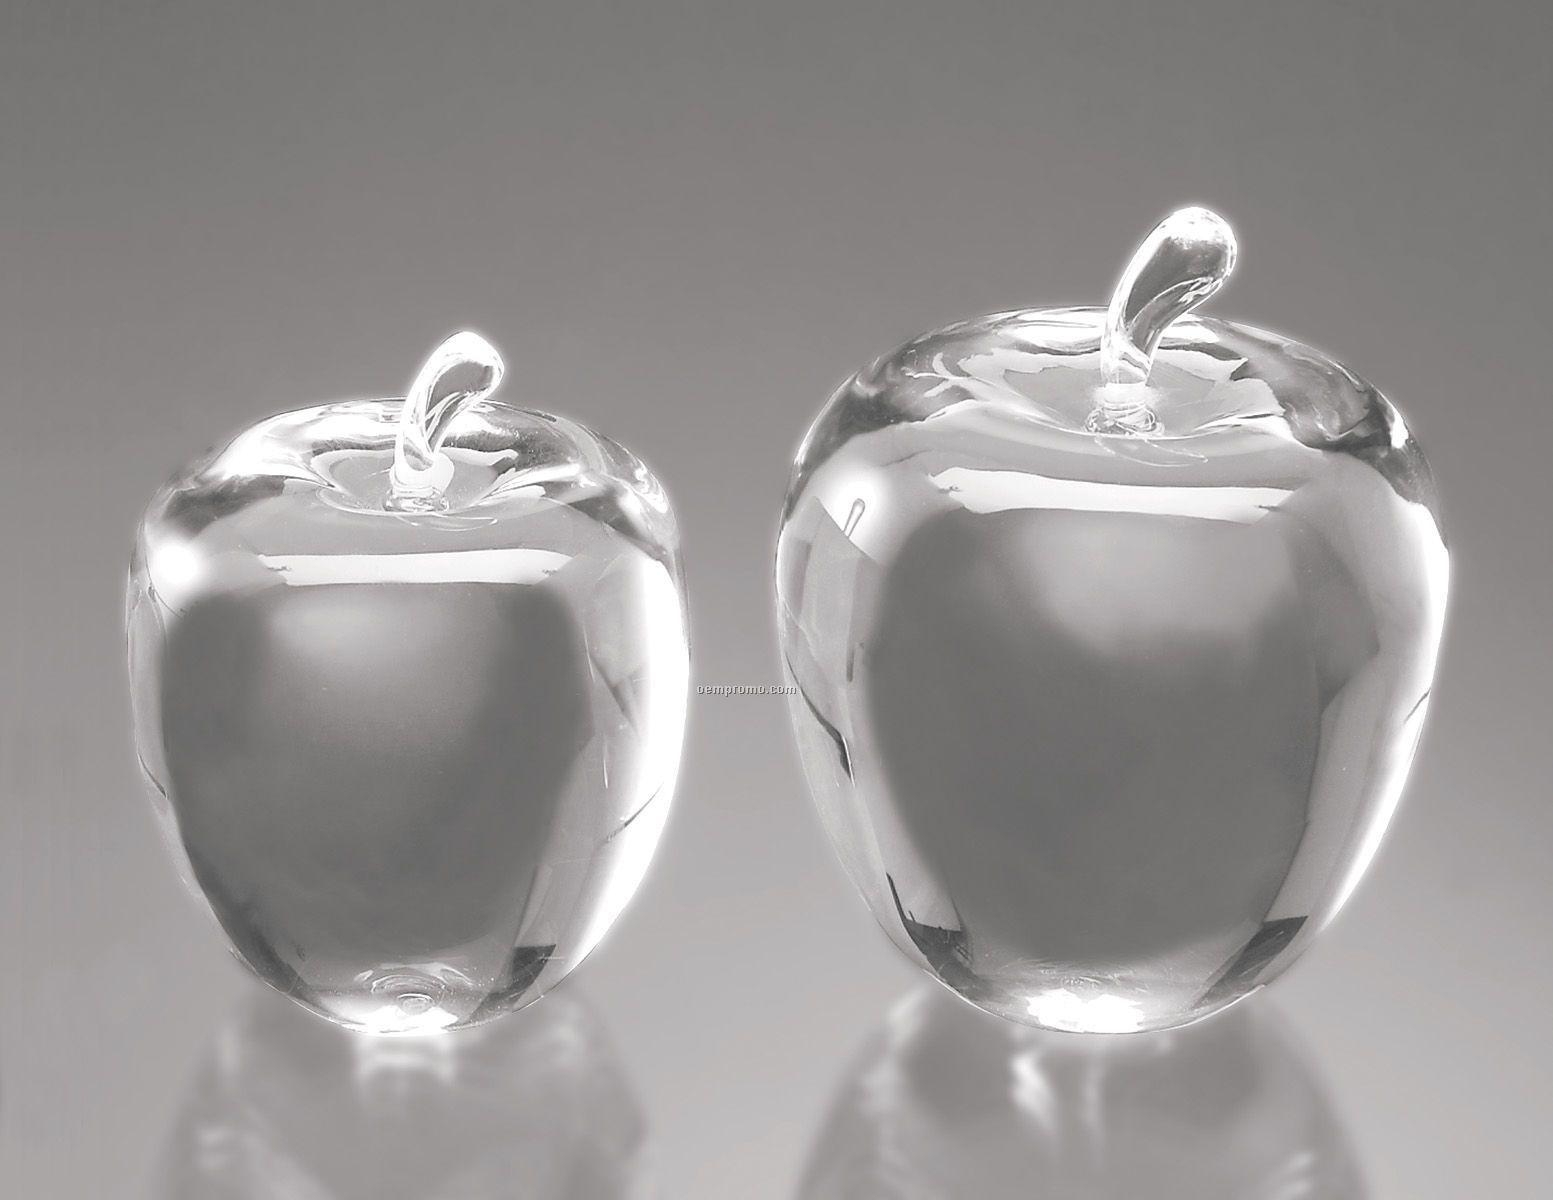 Large Optic Crystal Apple